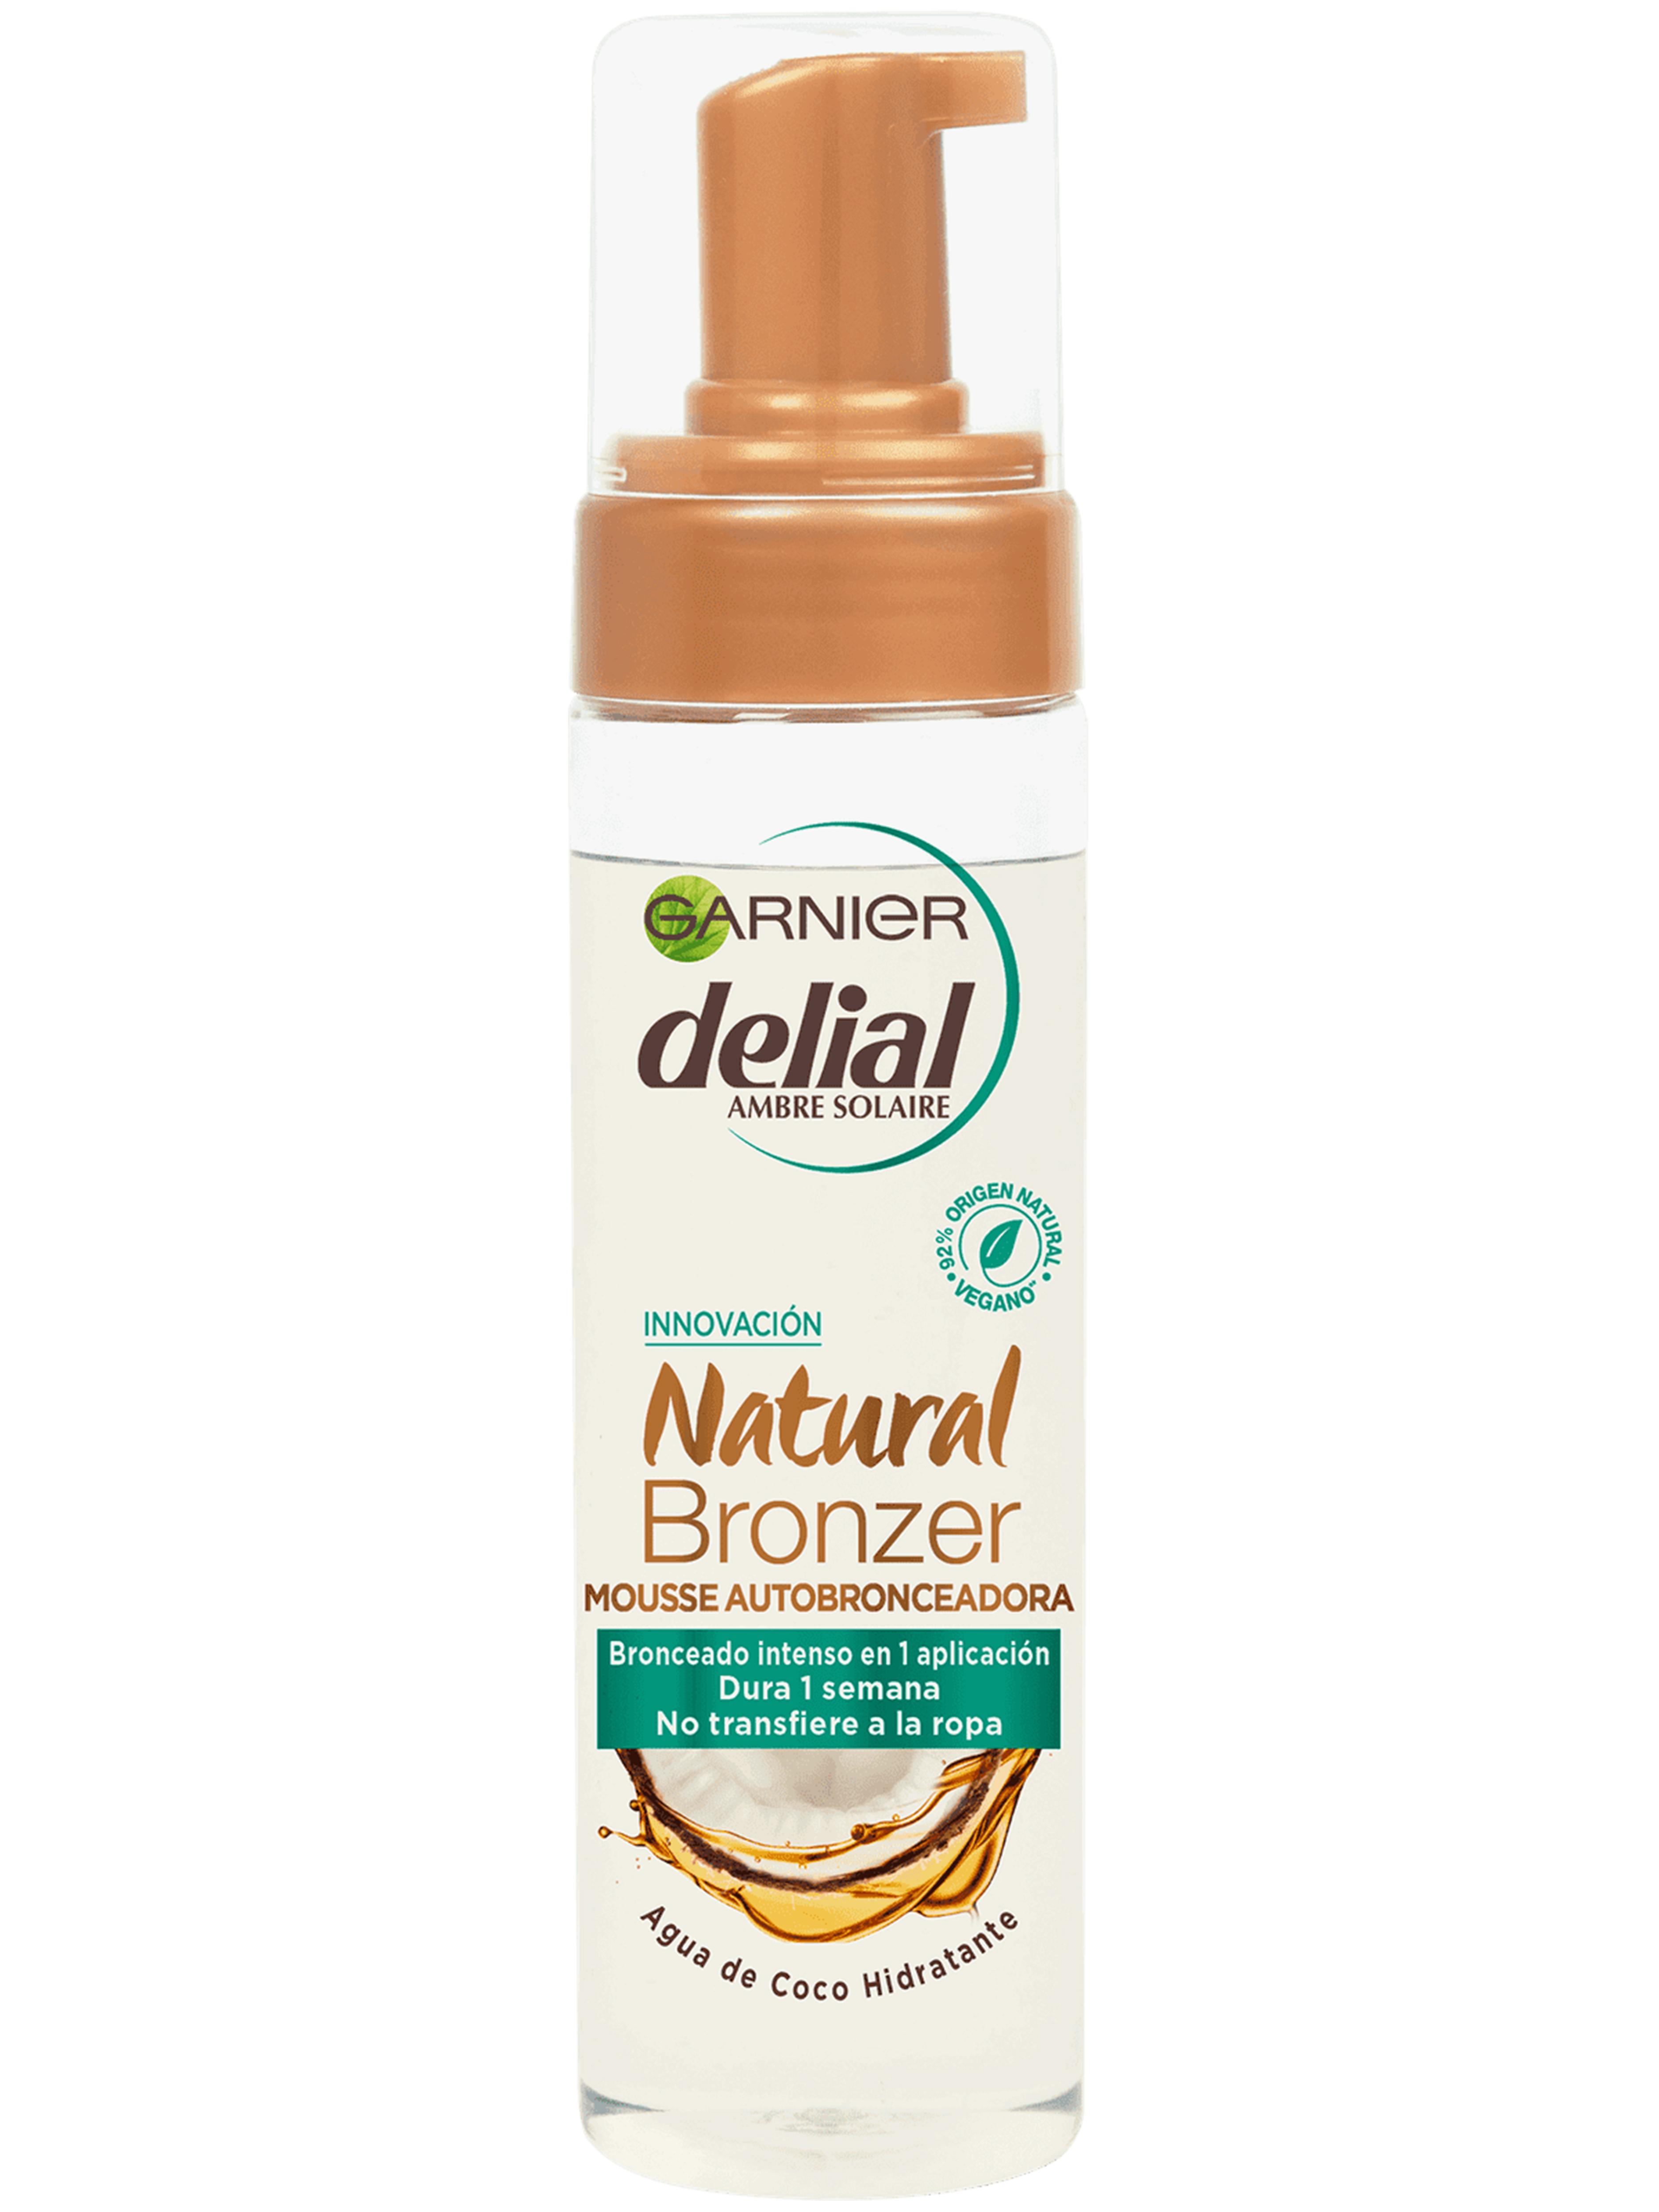 Natural Bronzer Garnier